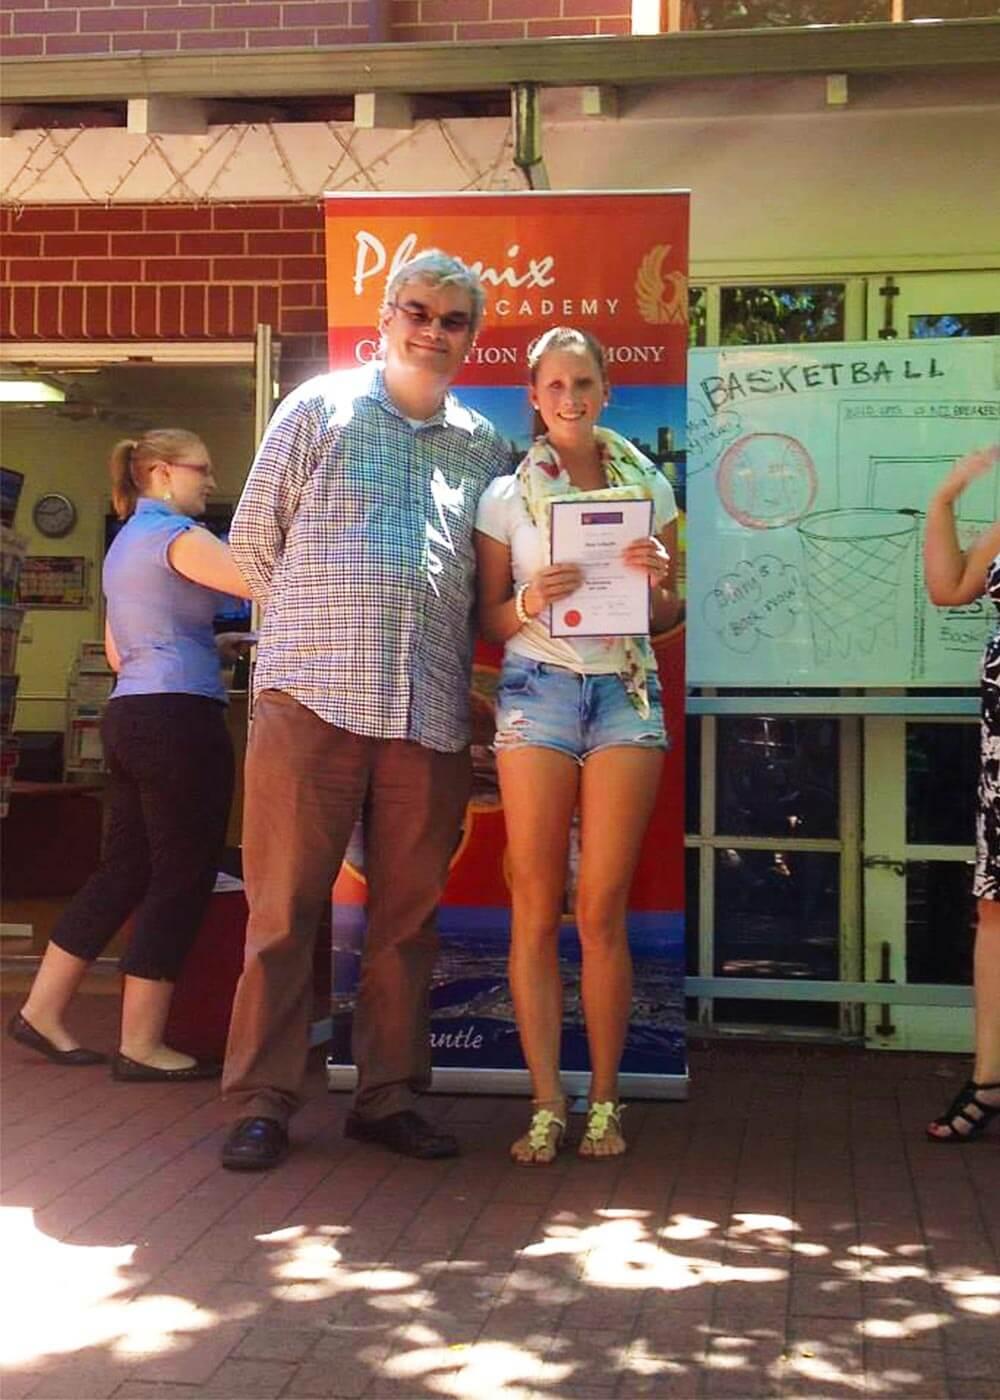 Jana hält stolz ihr Sprachschul-Zertifikat in Händen